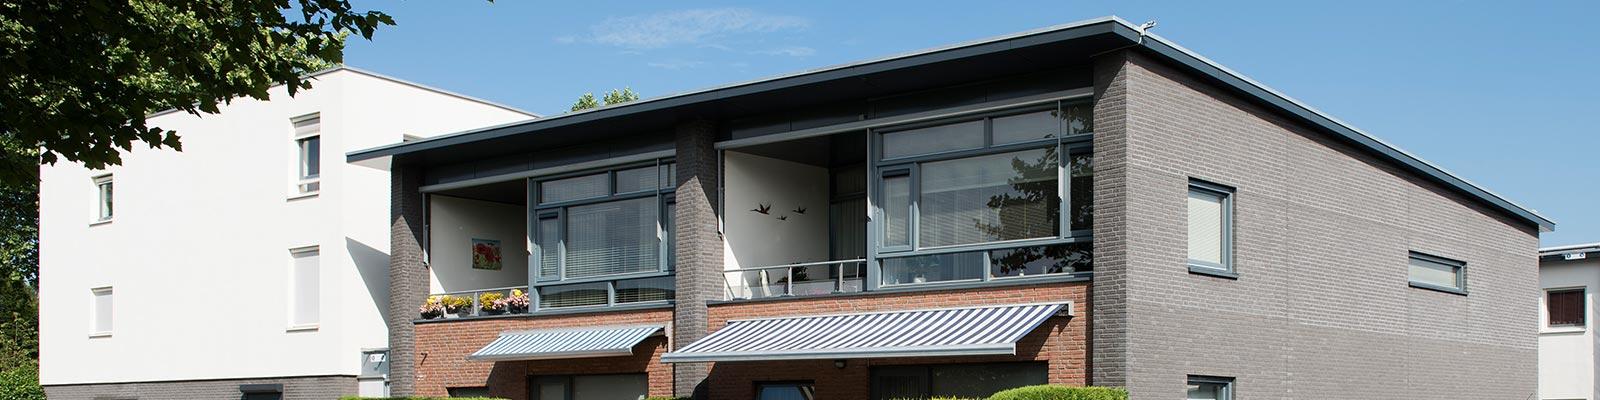 Schildersbedrijf Geldermalsen - Header Prinsenhof